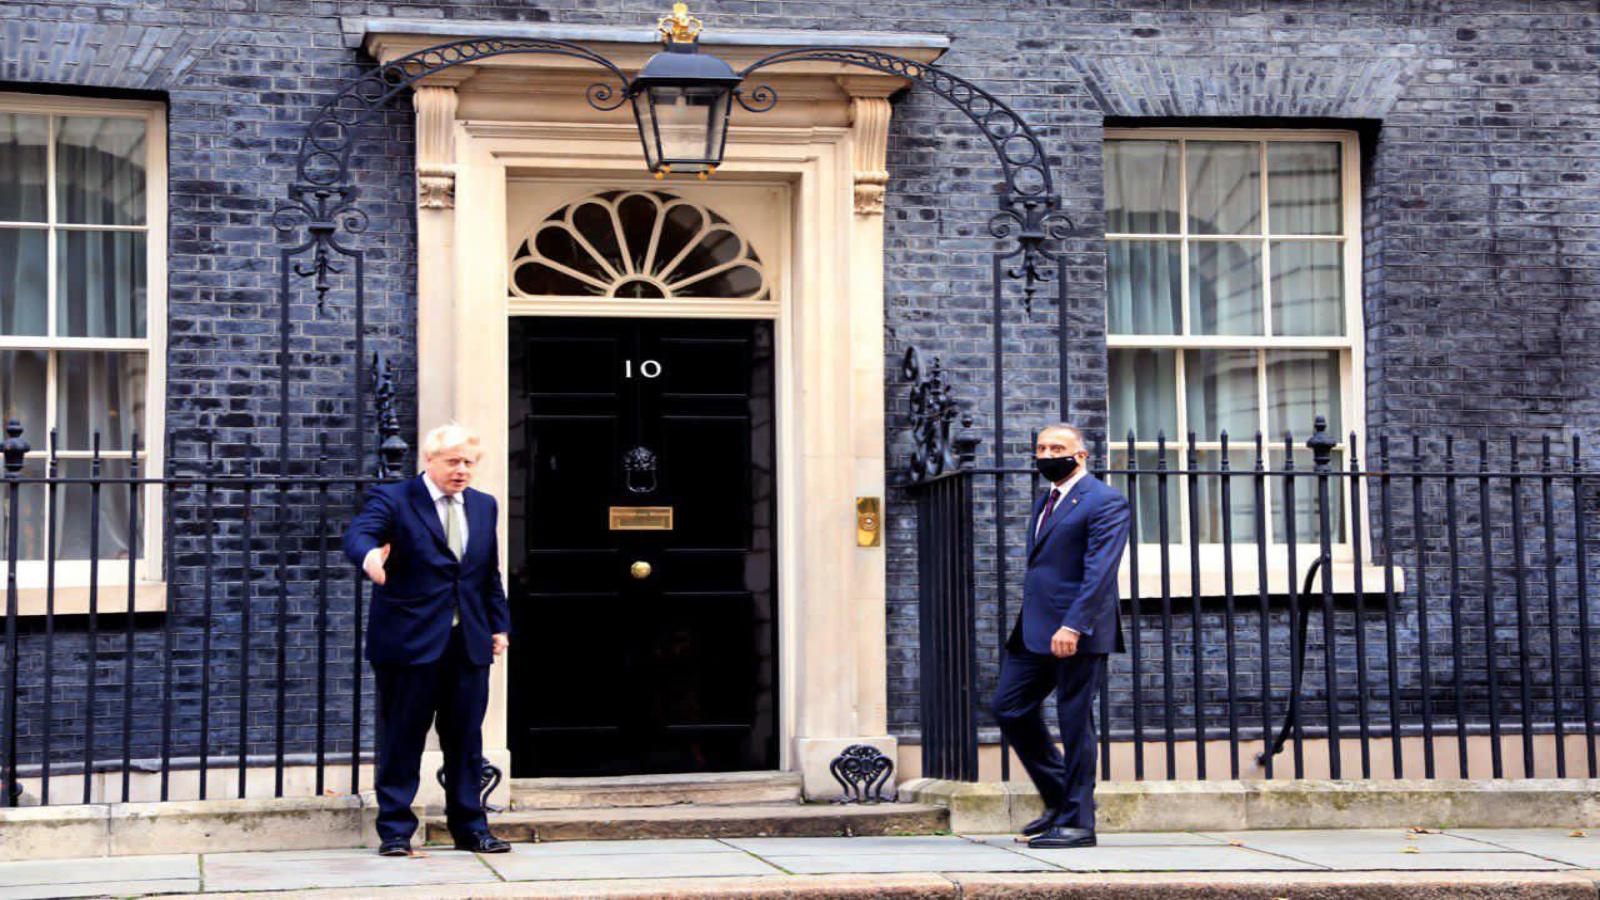 جونسون مرحبا بالكاظمي في مقر رئاسة الحكومة بلندن